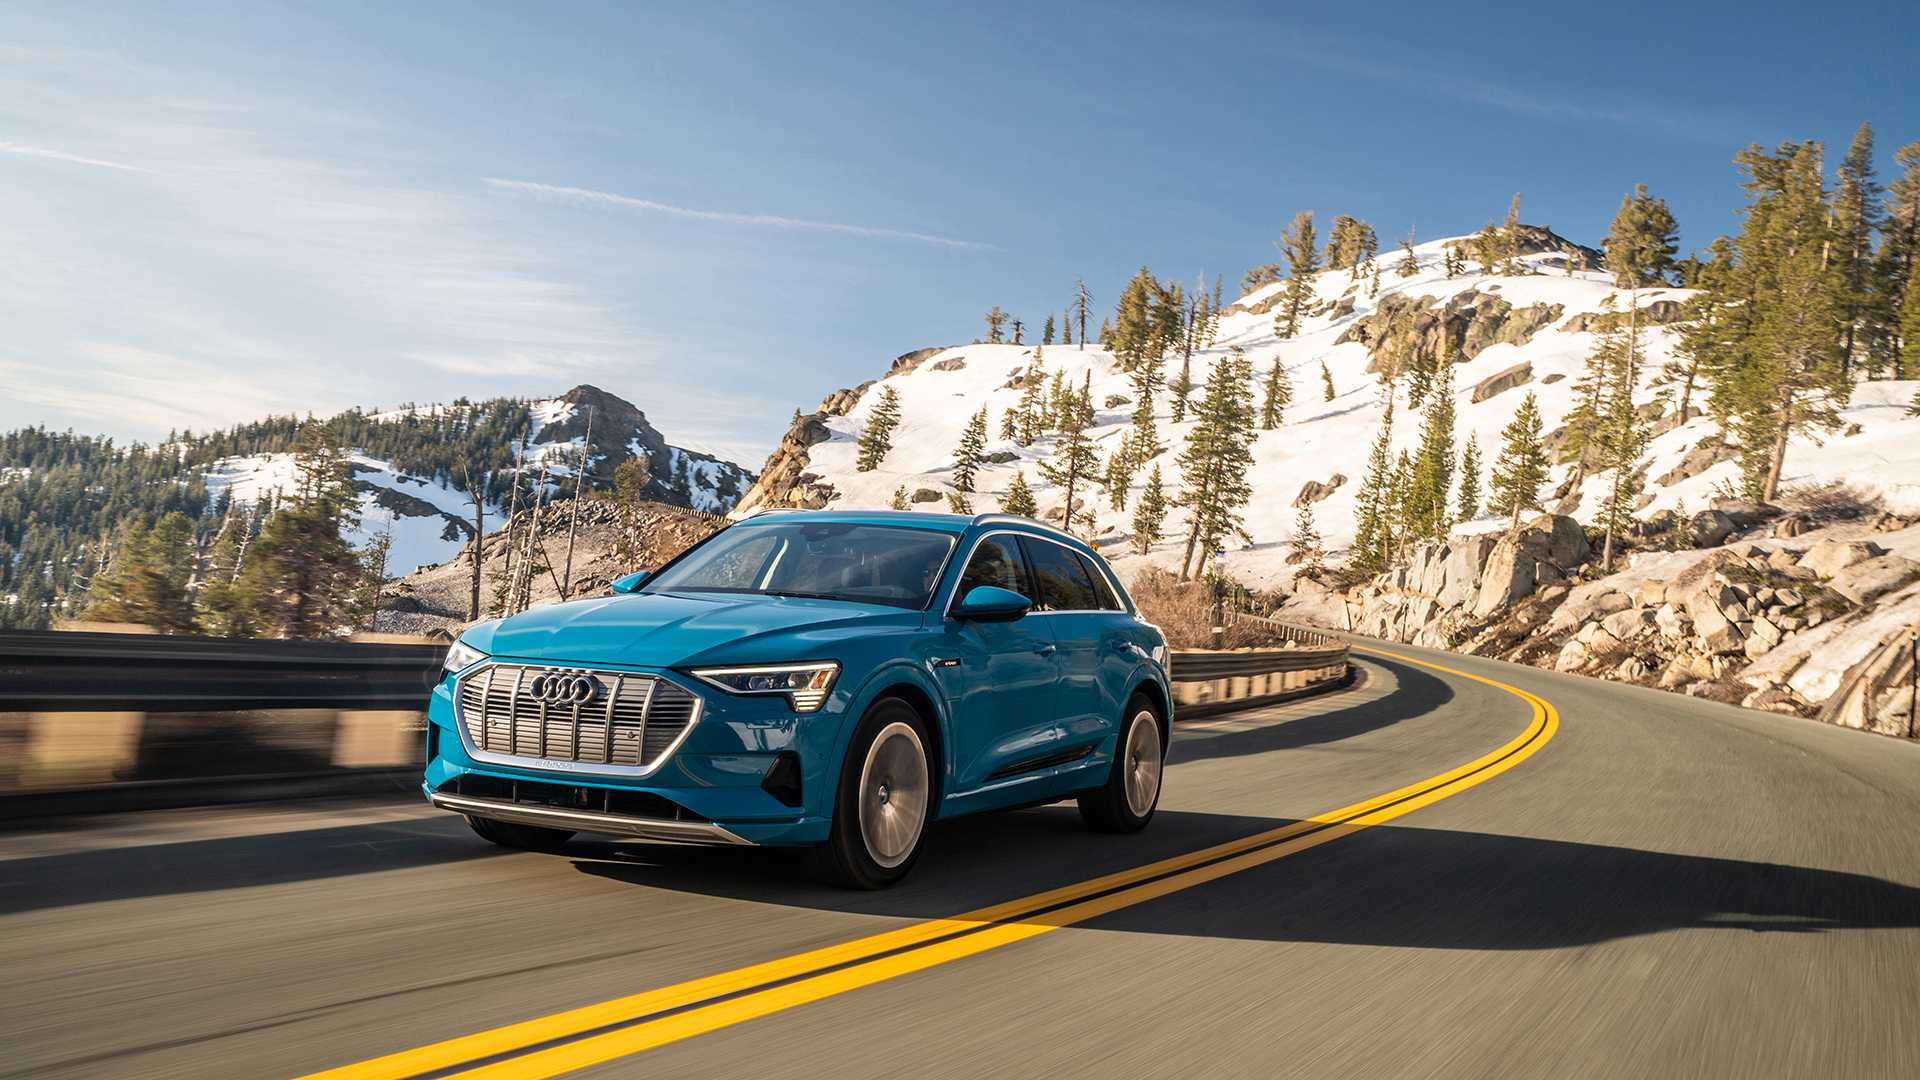 Audi povlači e-tron zbog potencijalnog curenja vode koje može da prouzrokuje požar